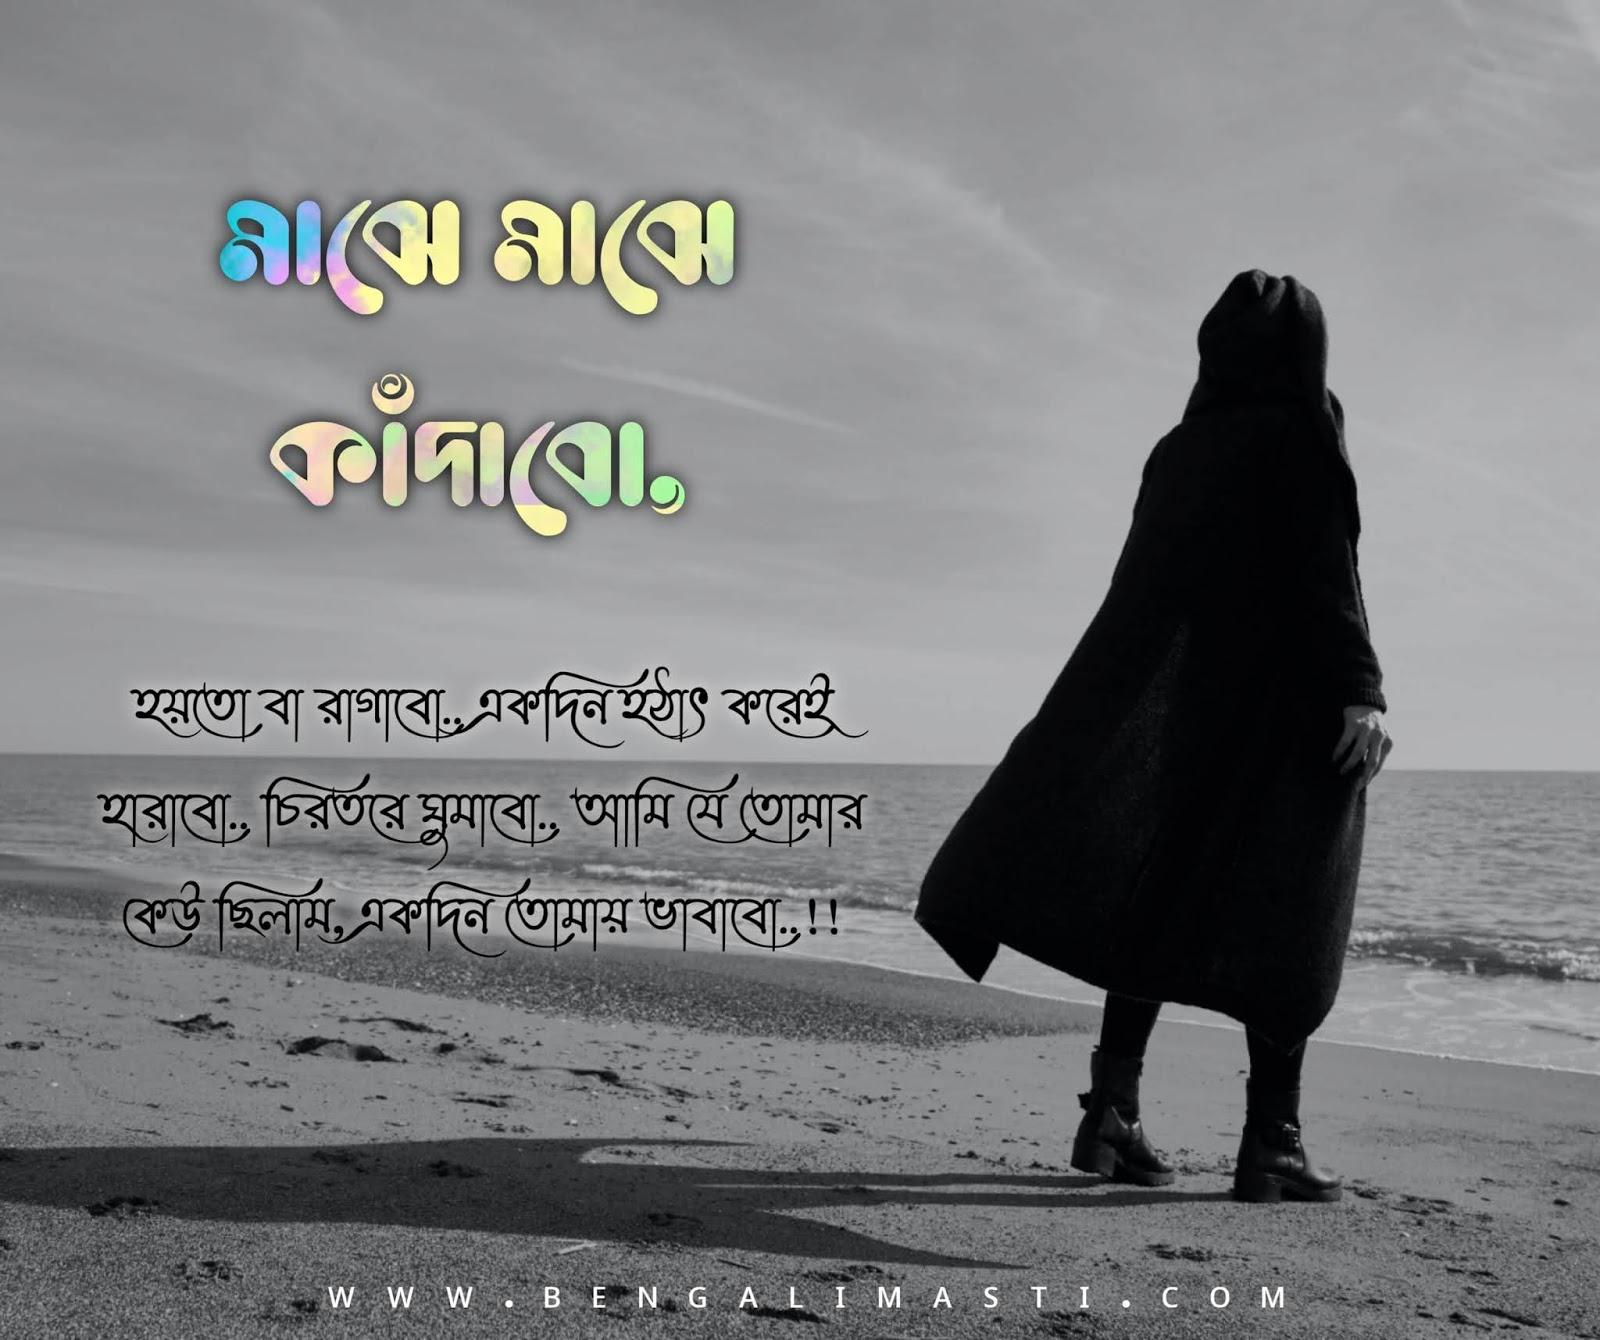 Bengali Sad Quotes